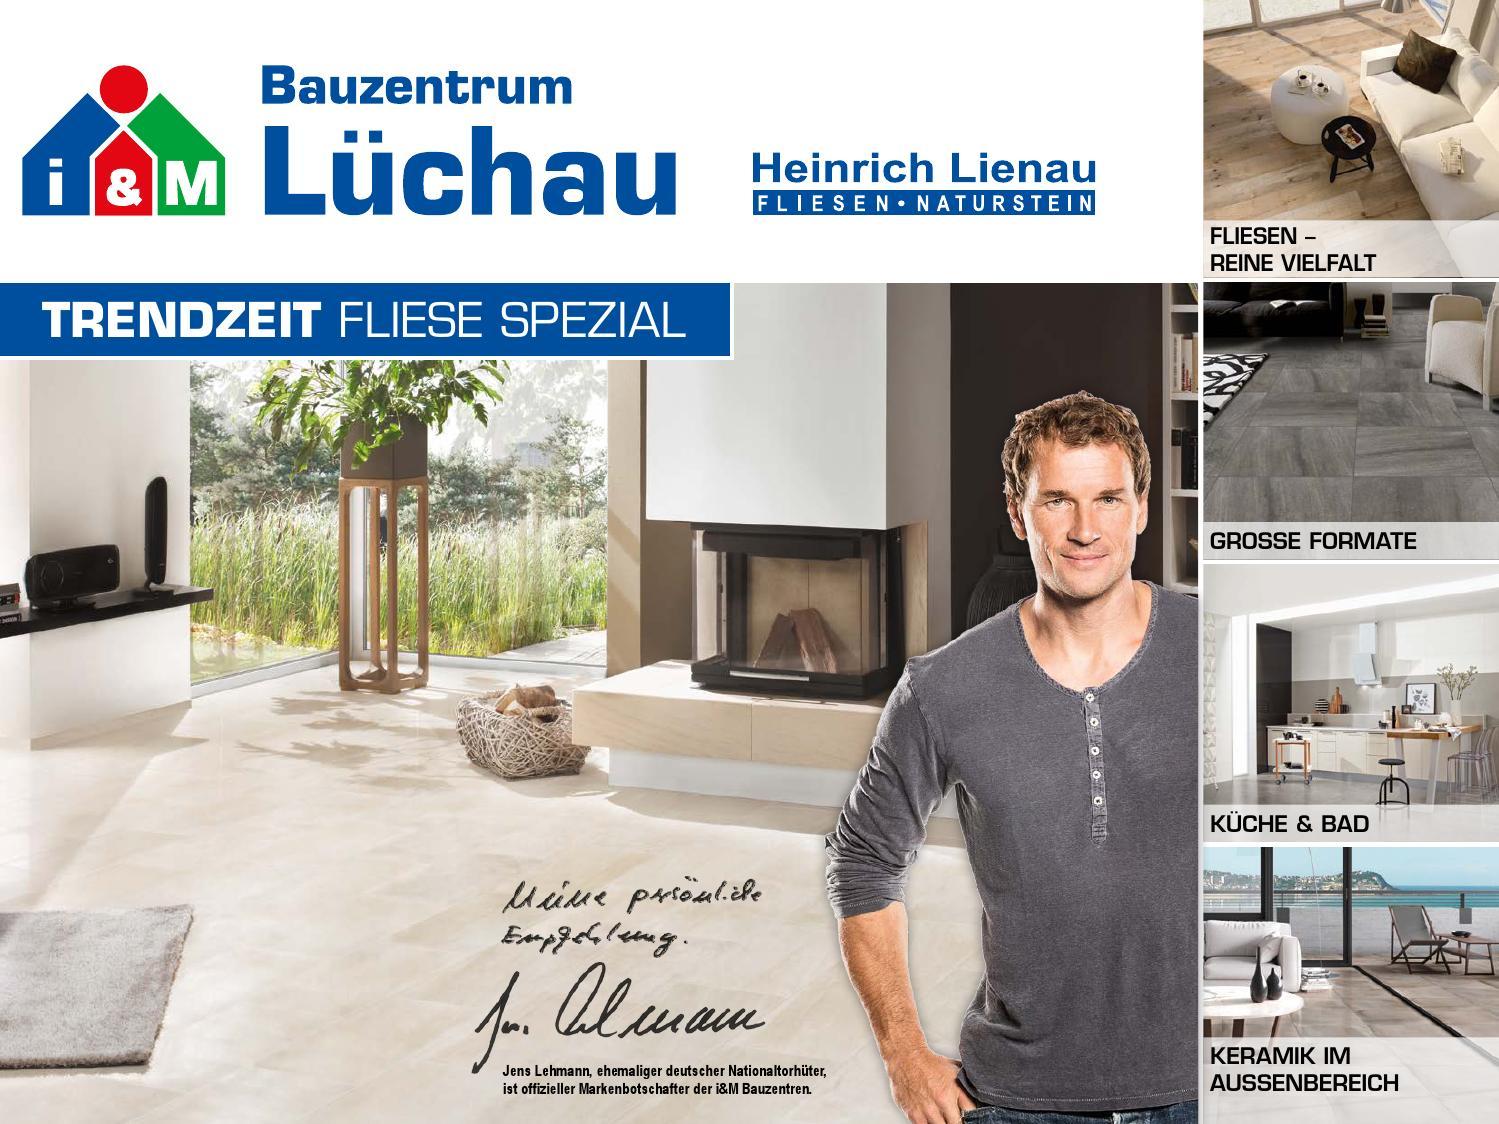 GroBartig TRENDZEIT Fliese Spezial 2015 U2013 Bauzentrum Lüchau By FULLHAUS   Issuu